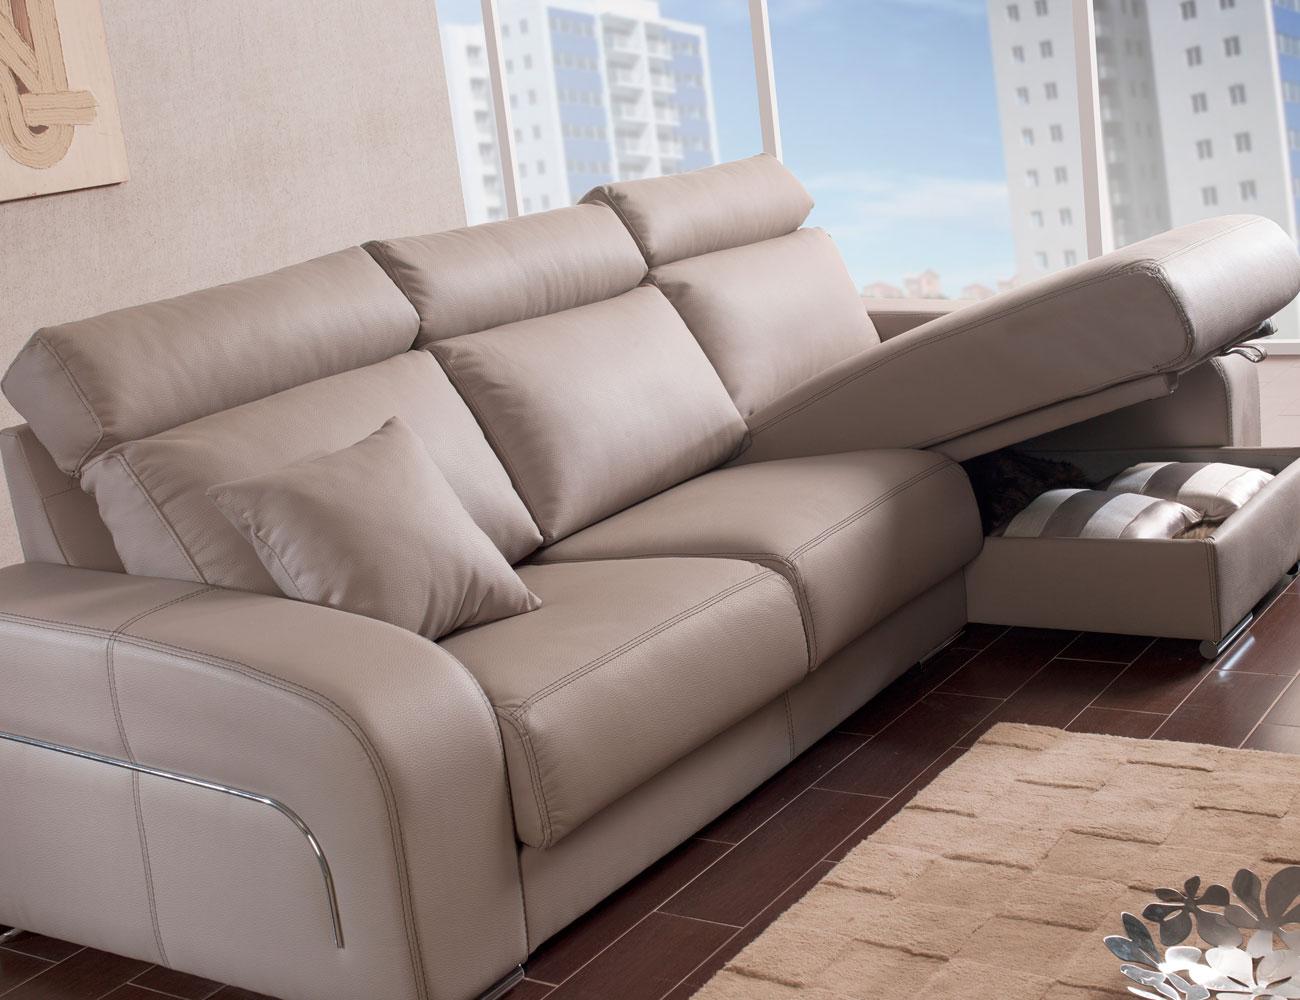 Sofa chaiselongue moderno pared cero arcon71